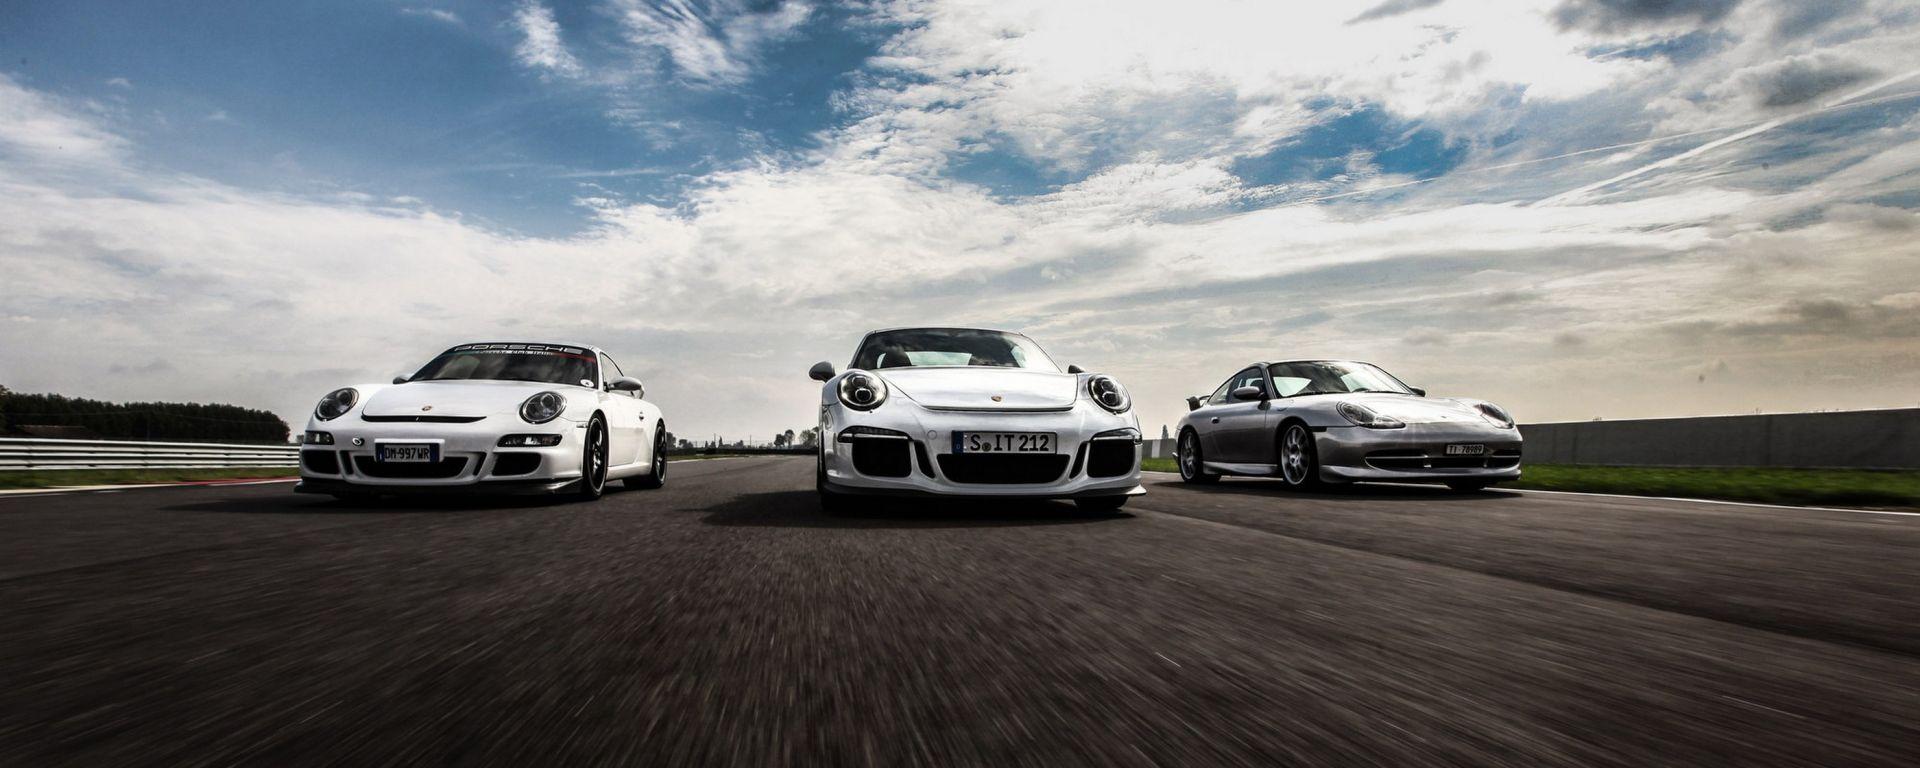 Porsche GT3: 996 vs 997 vs 991